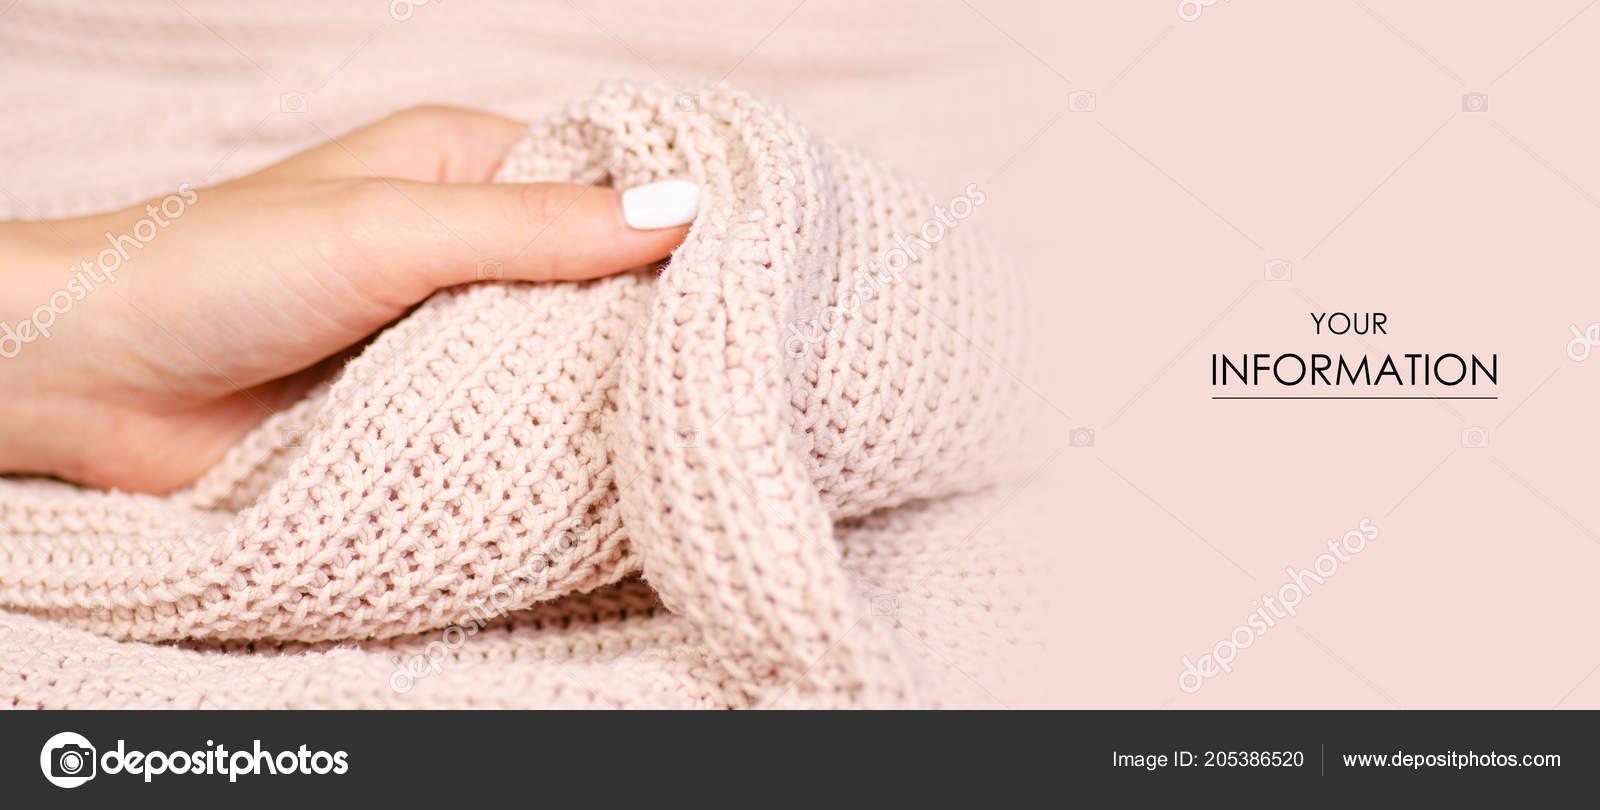 Beige Gebreide Trui.Beige Gebreide Trui Textuur Stof Textiel Vrouwelijke Hand Macro